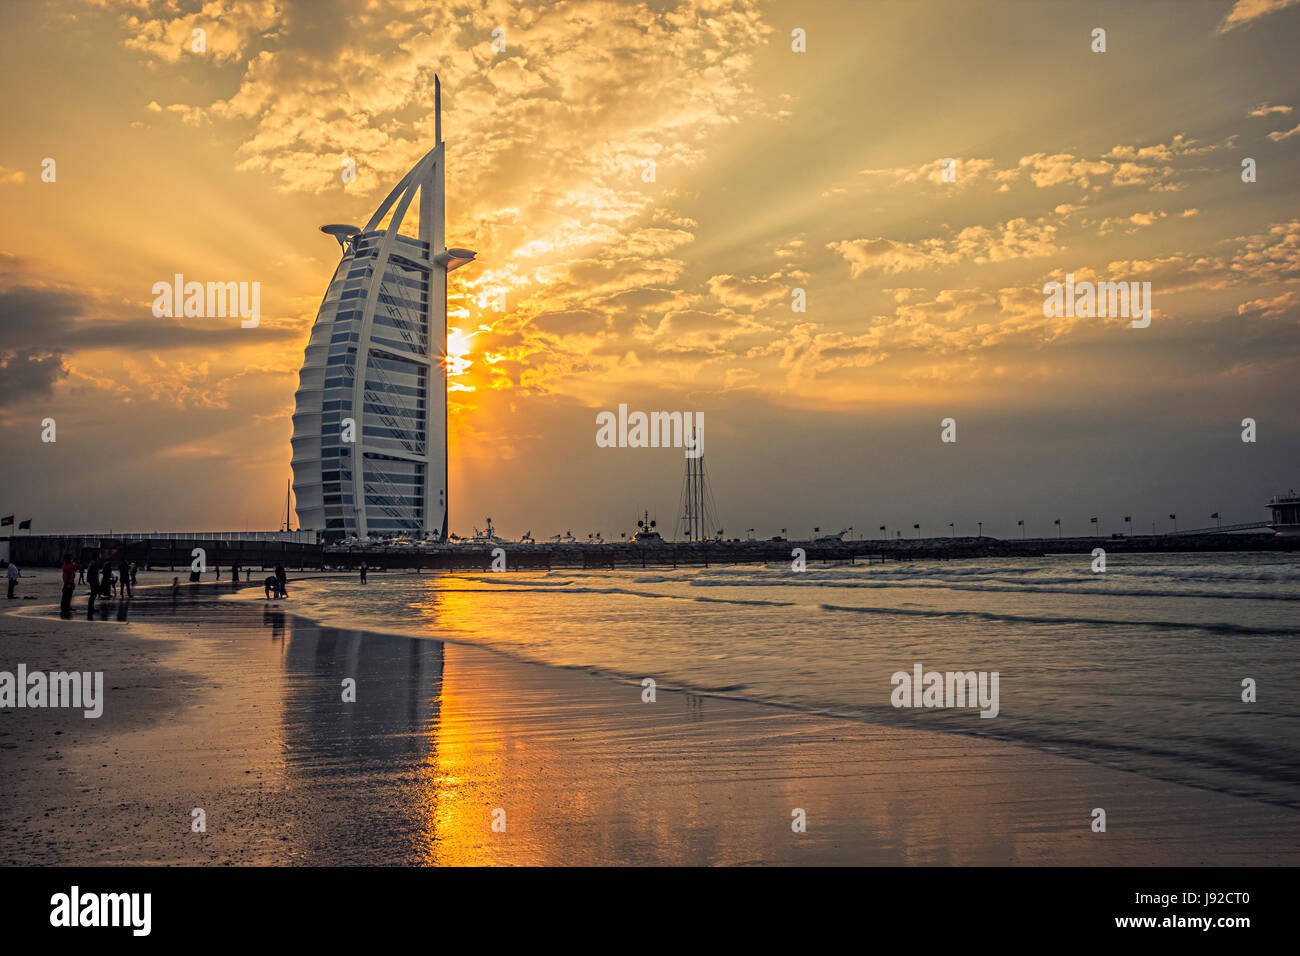 BUrj al Arab bei Sonnenuntergang Stockbild